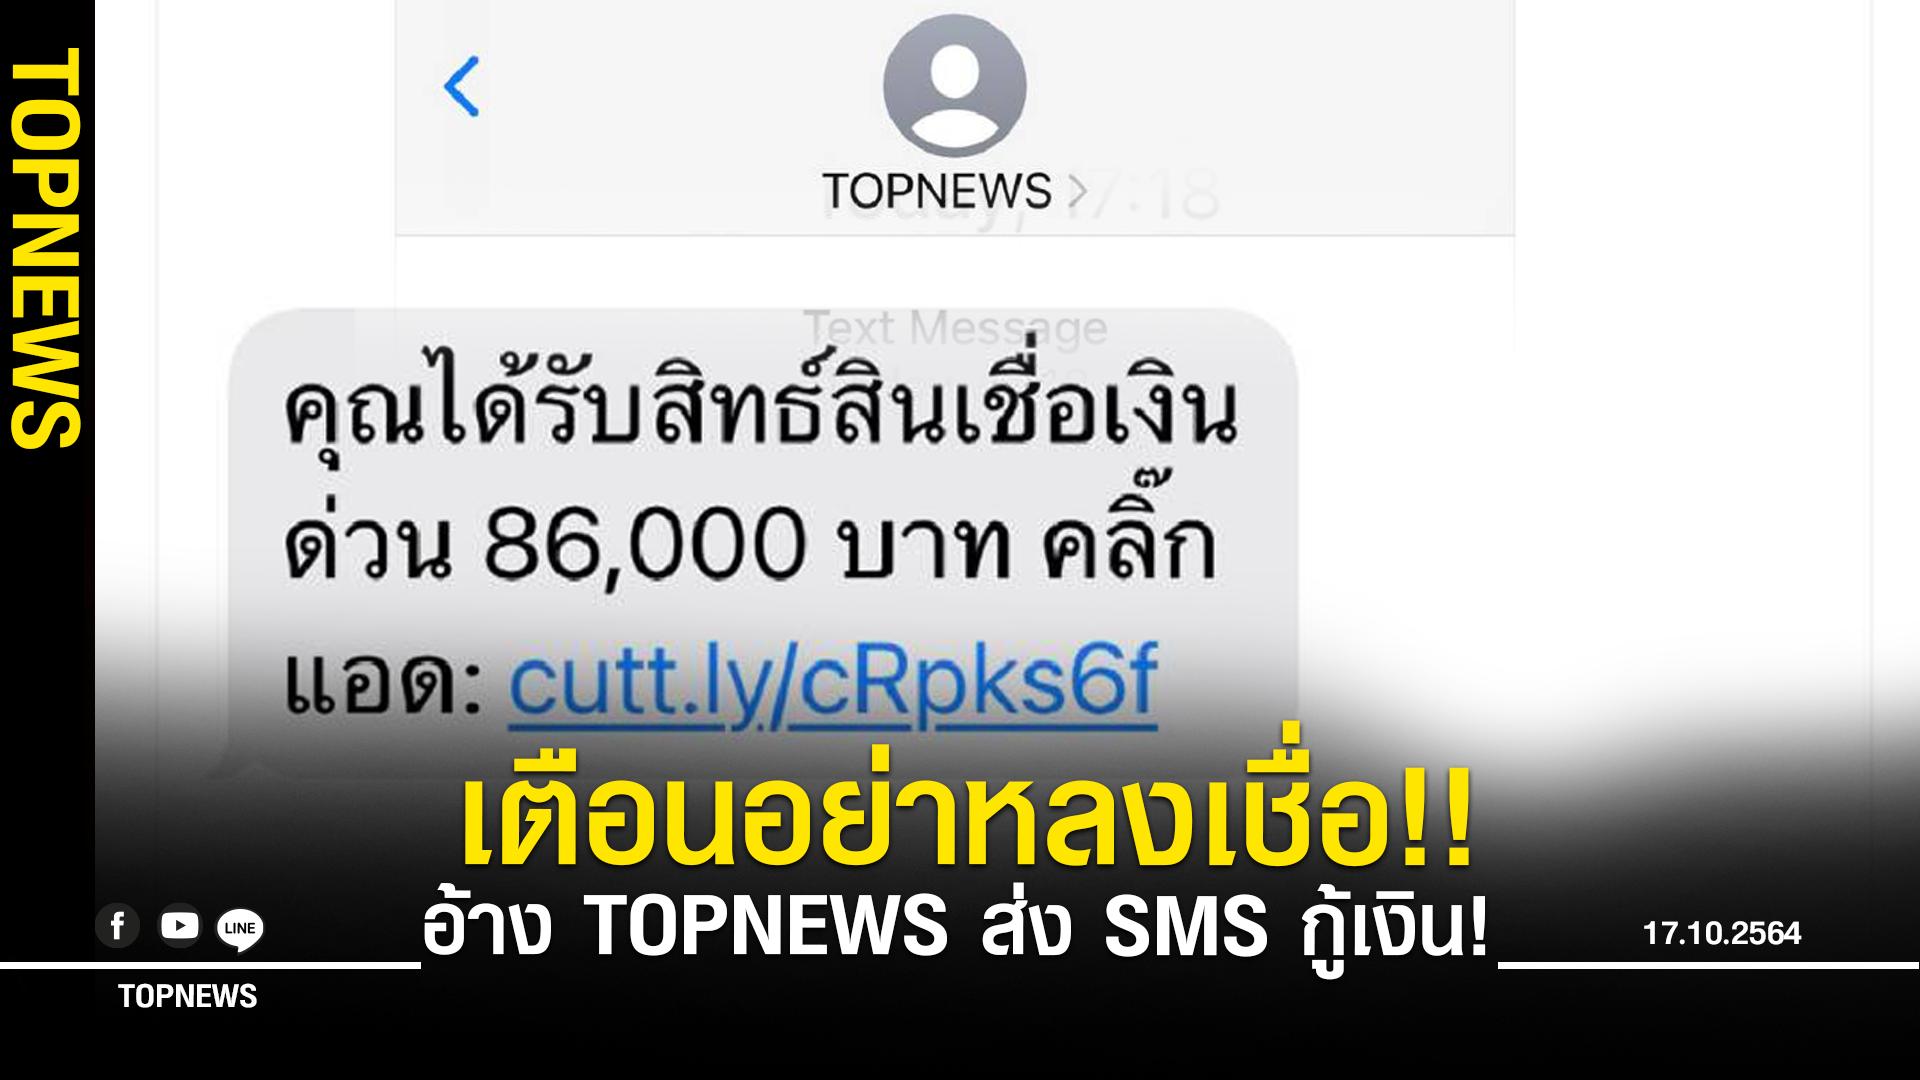 เตือนอย่าหลงเชื่อ!! ระวังตกเป็นเหยื่อมิจฉาชีพ อ้าง TOPNEWS ส่ง SMS กู้เงิน!